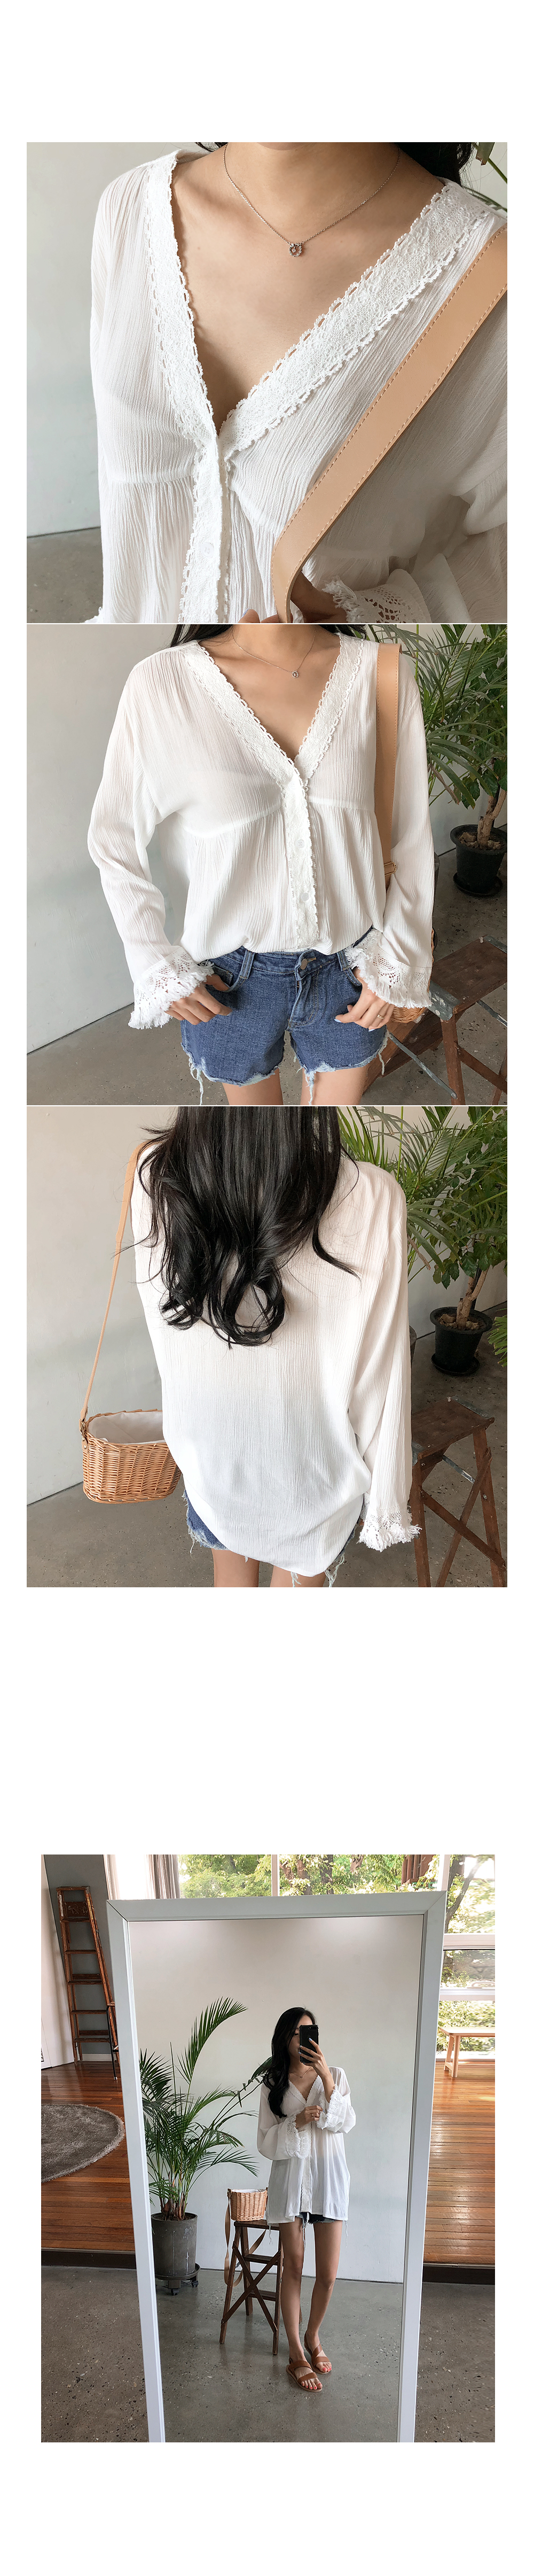 Yoru race blouse